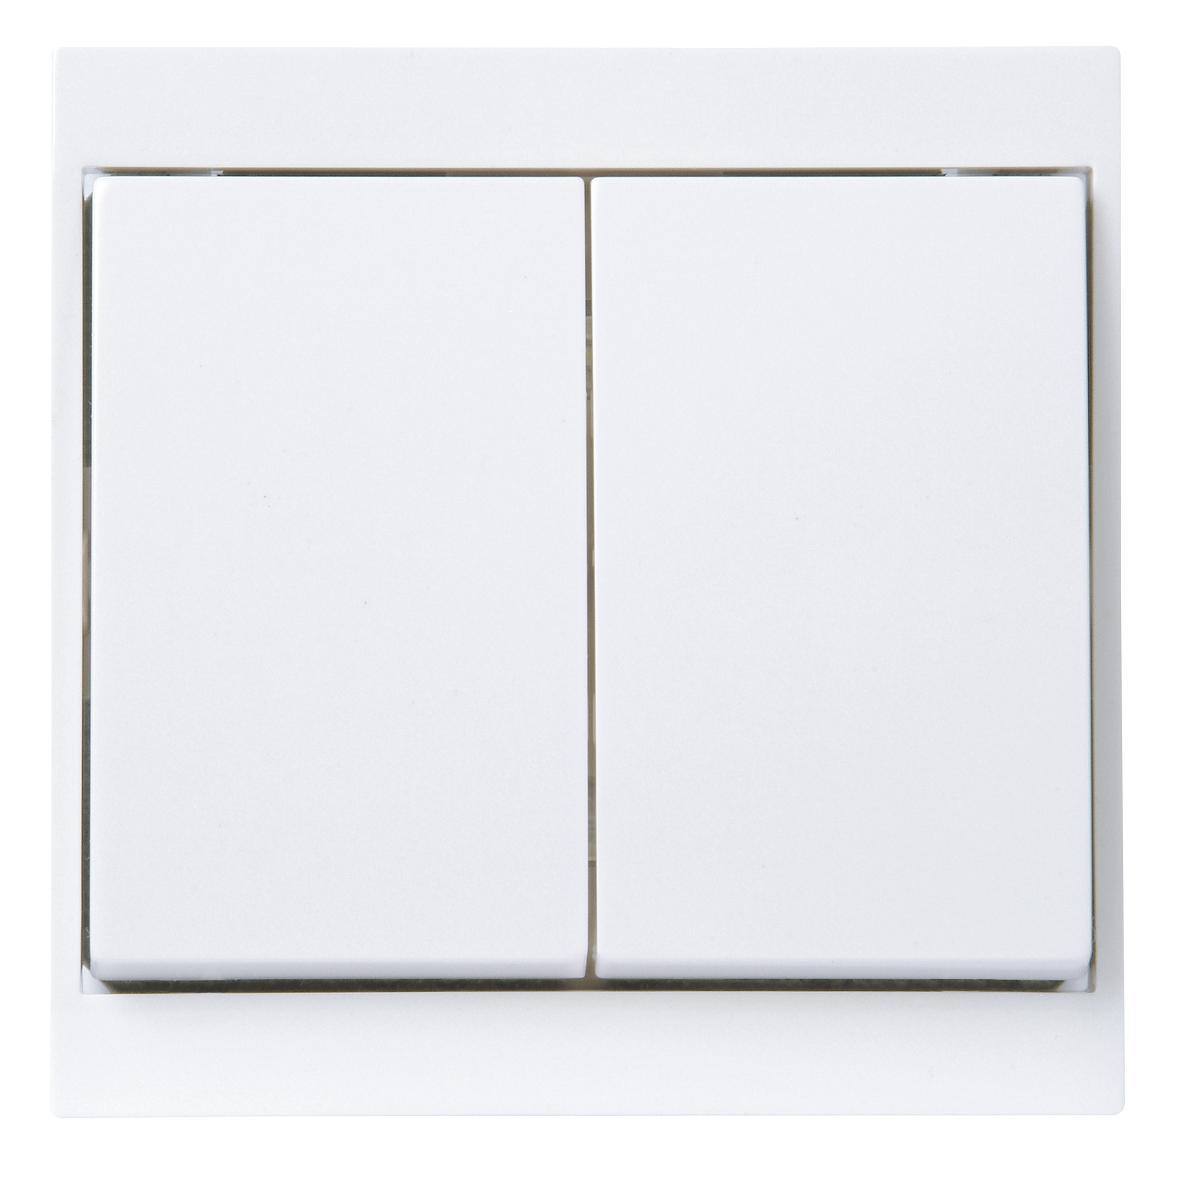 kopp 620313087 malta arktis wei wechsel wechselschalter. Black Bedroom Furniture Sets. Home Design Ideas